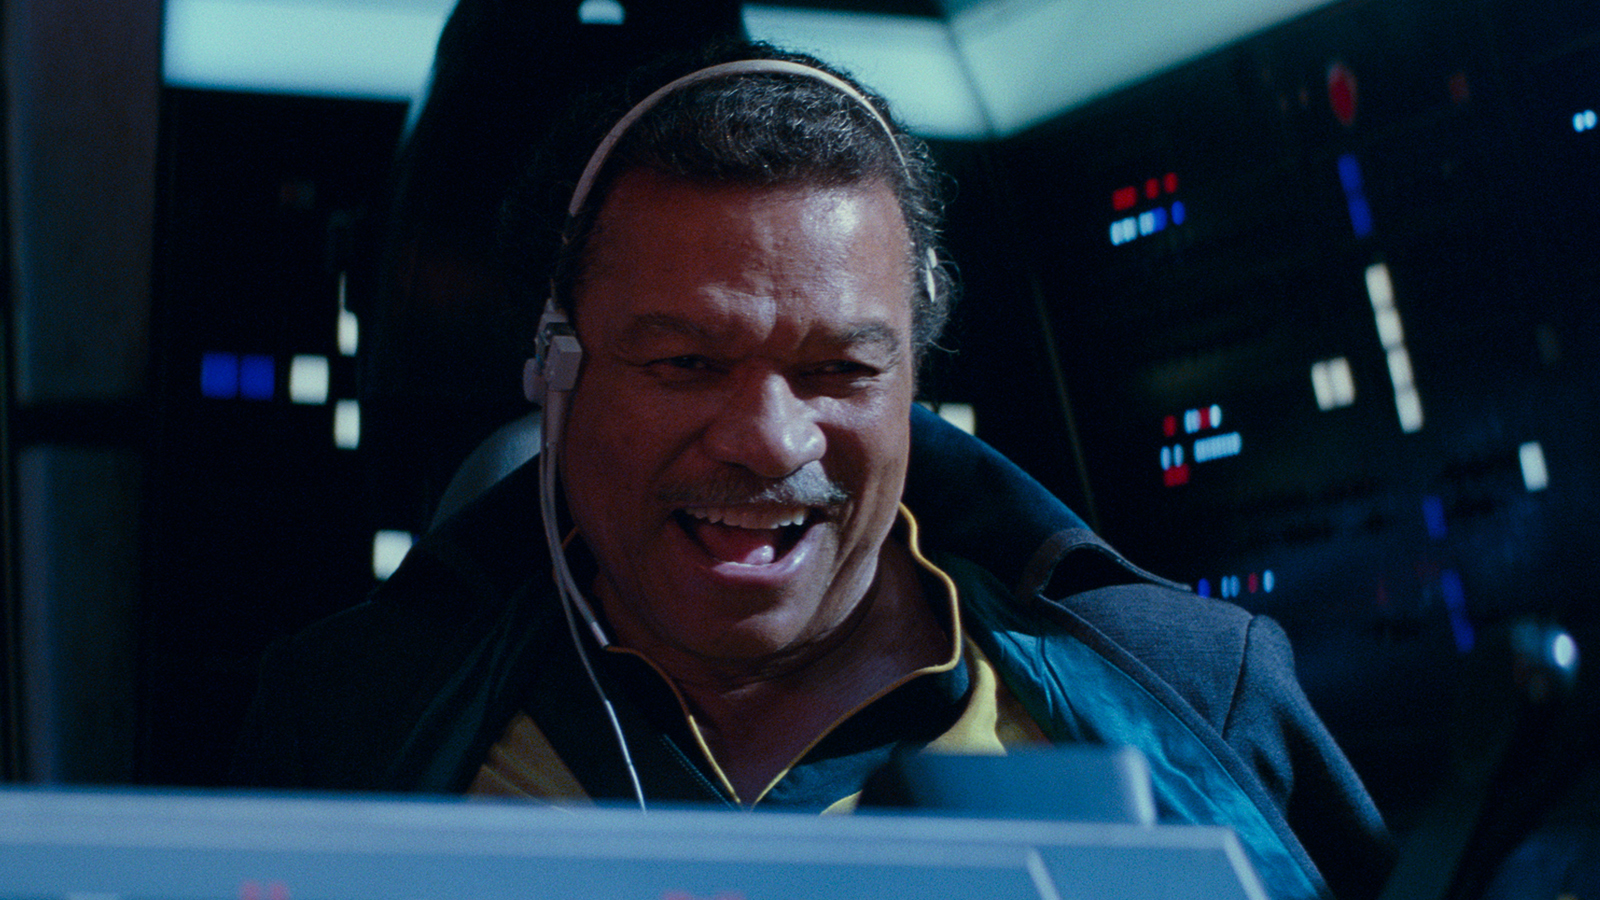 Star Wars Der Aufstieg Skywalkers (2019) Filmbild 3